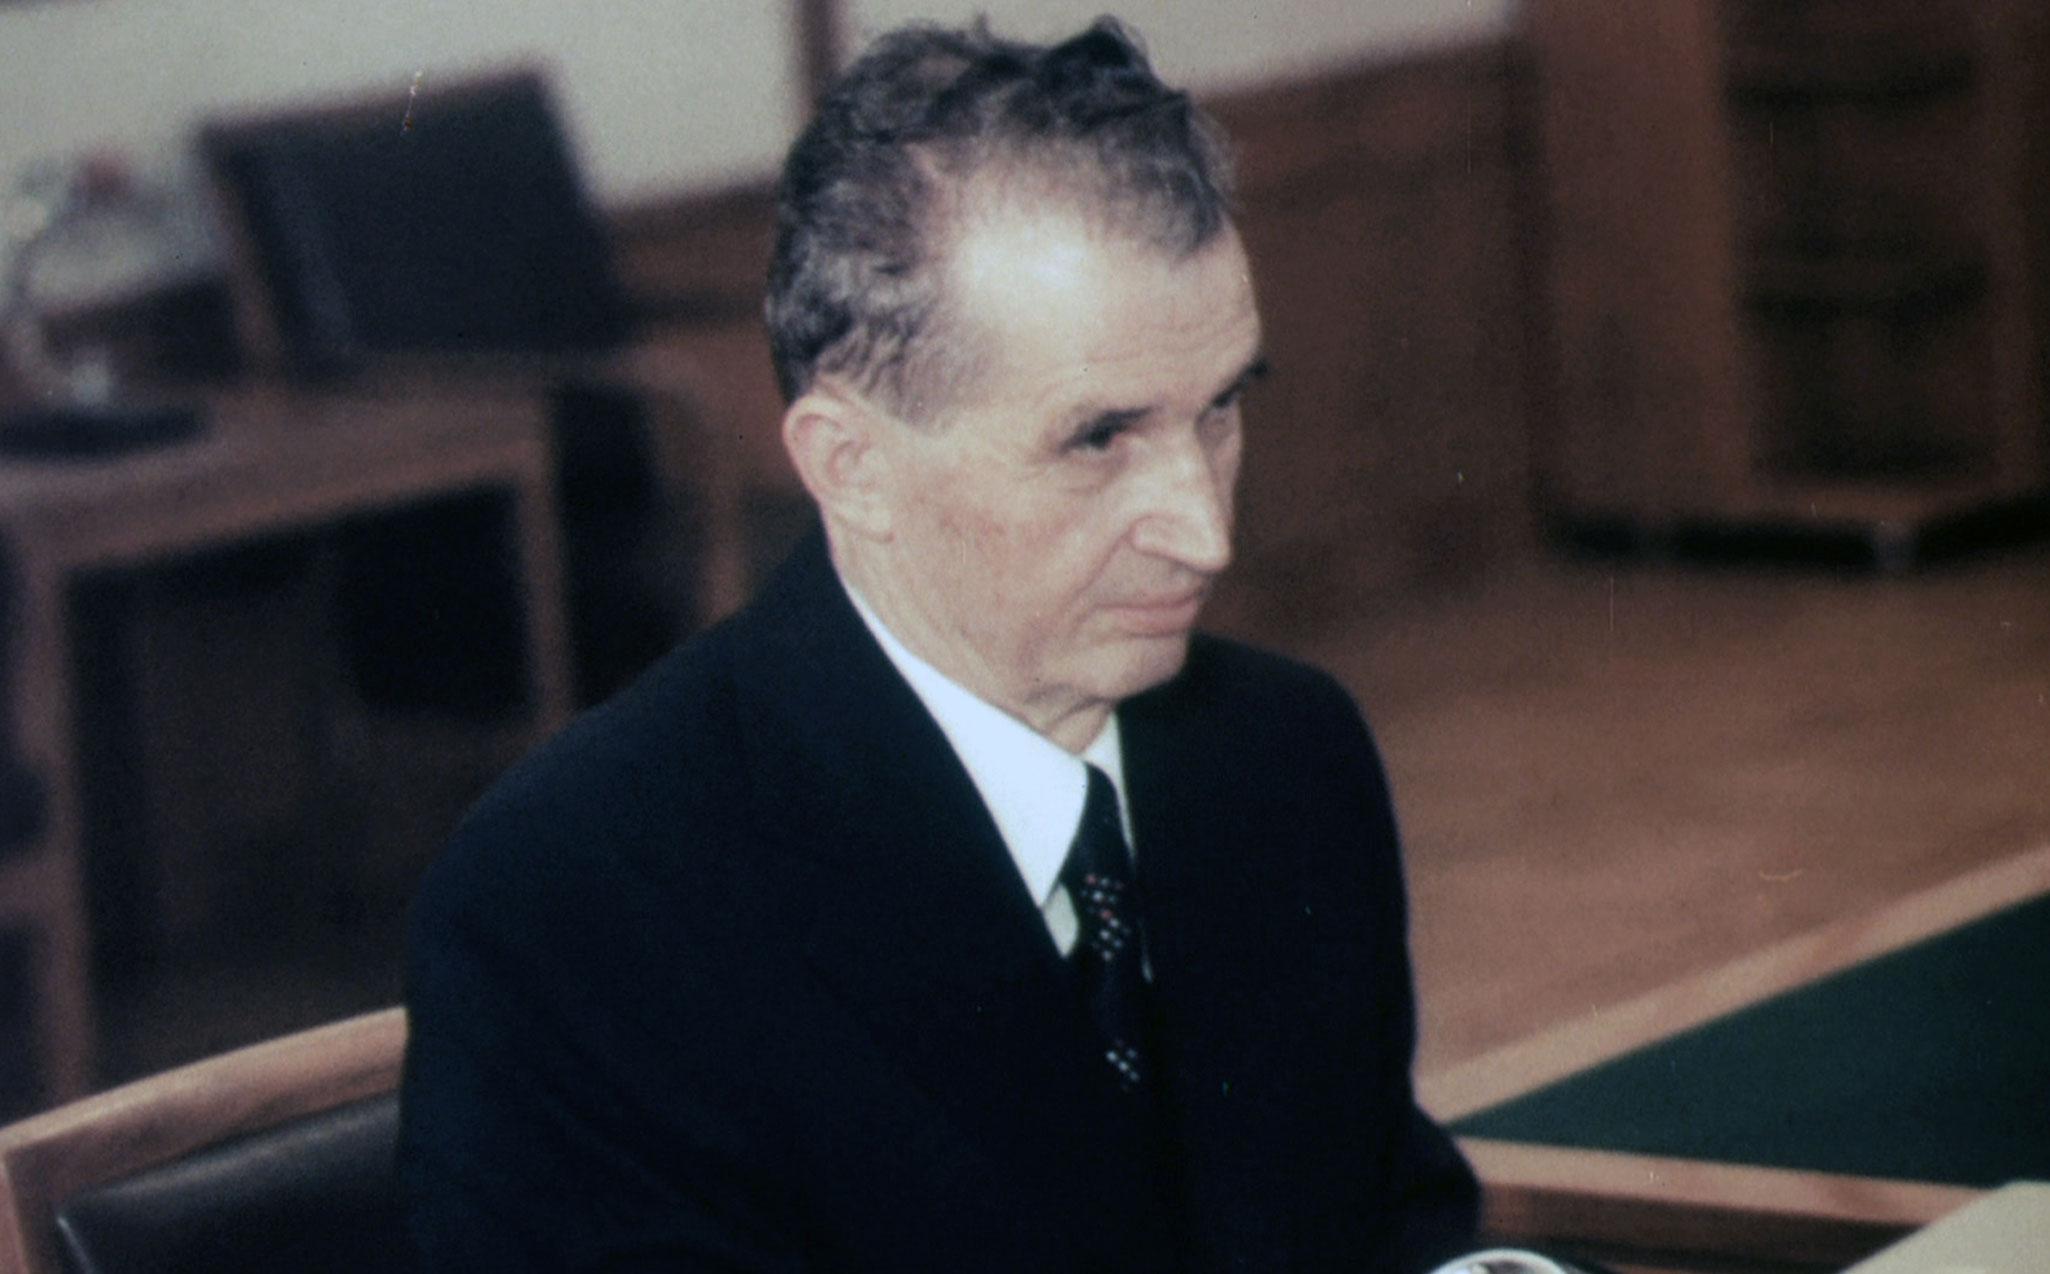 Ceaușescu a reapărut dupa 30 de ani! Imaginile și discursul au devenit virale